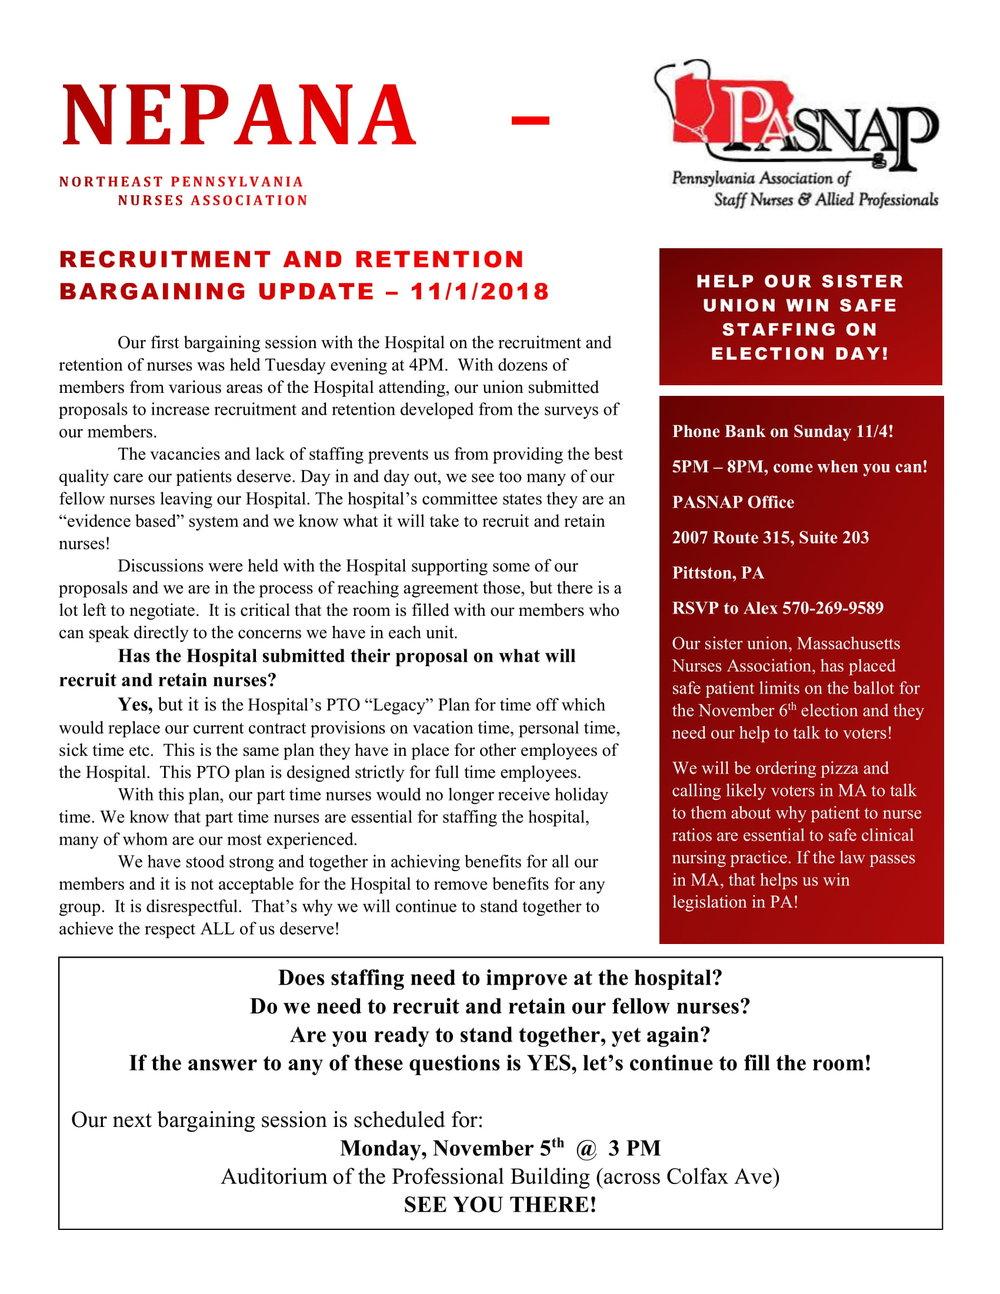 NEPANA 11-1 Bargaining Update-1.jpg